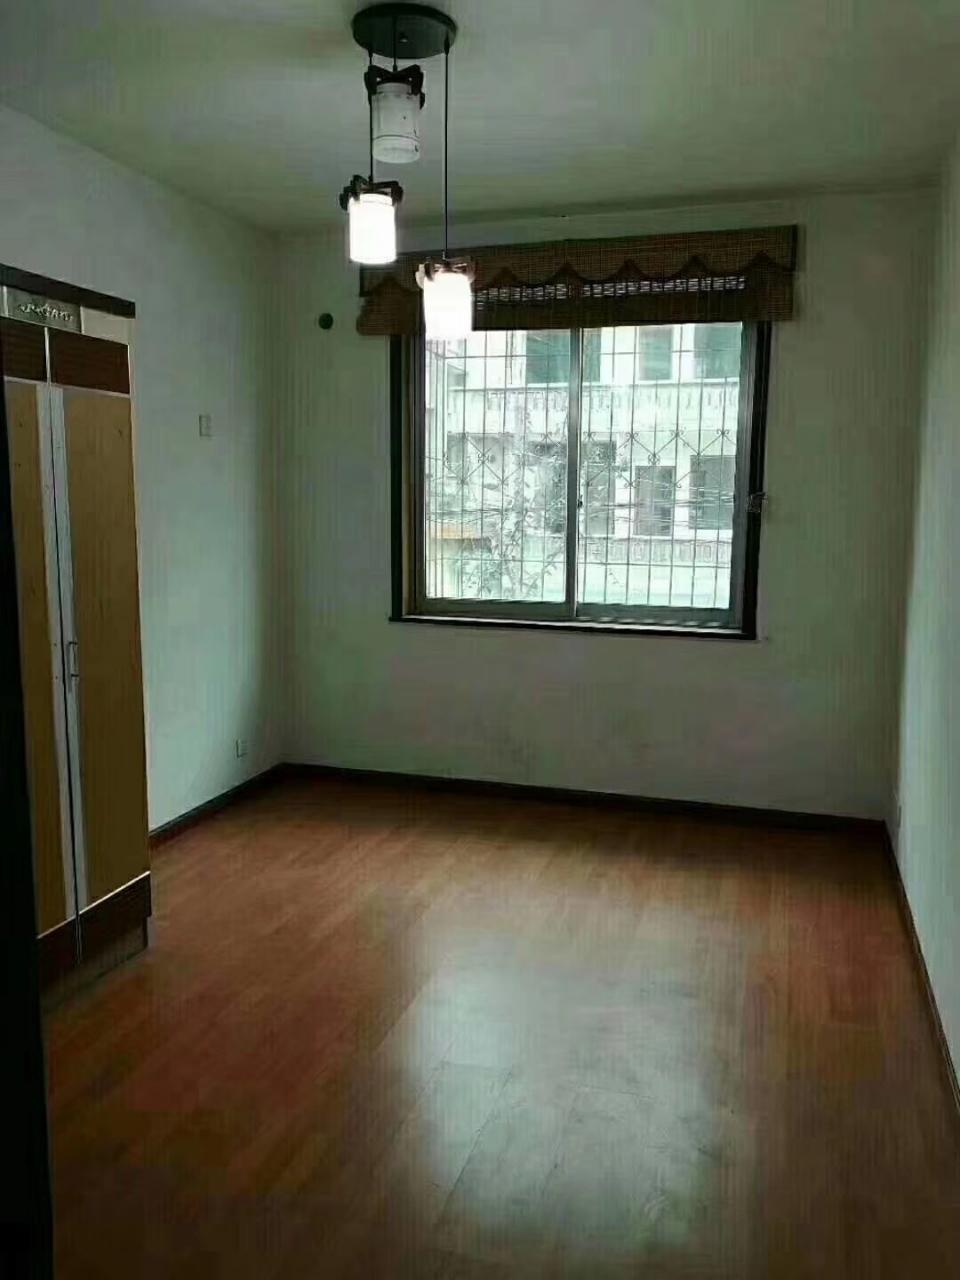 金带街裕民巷3室 2厅 1卫65万元